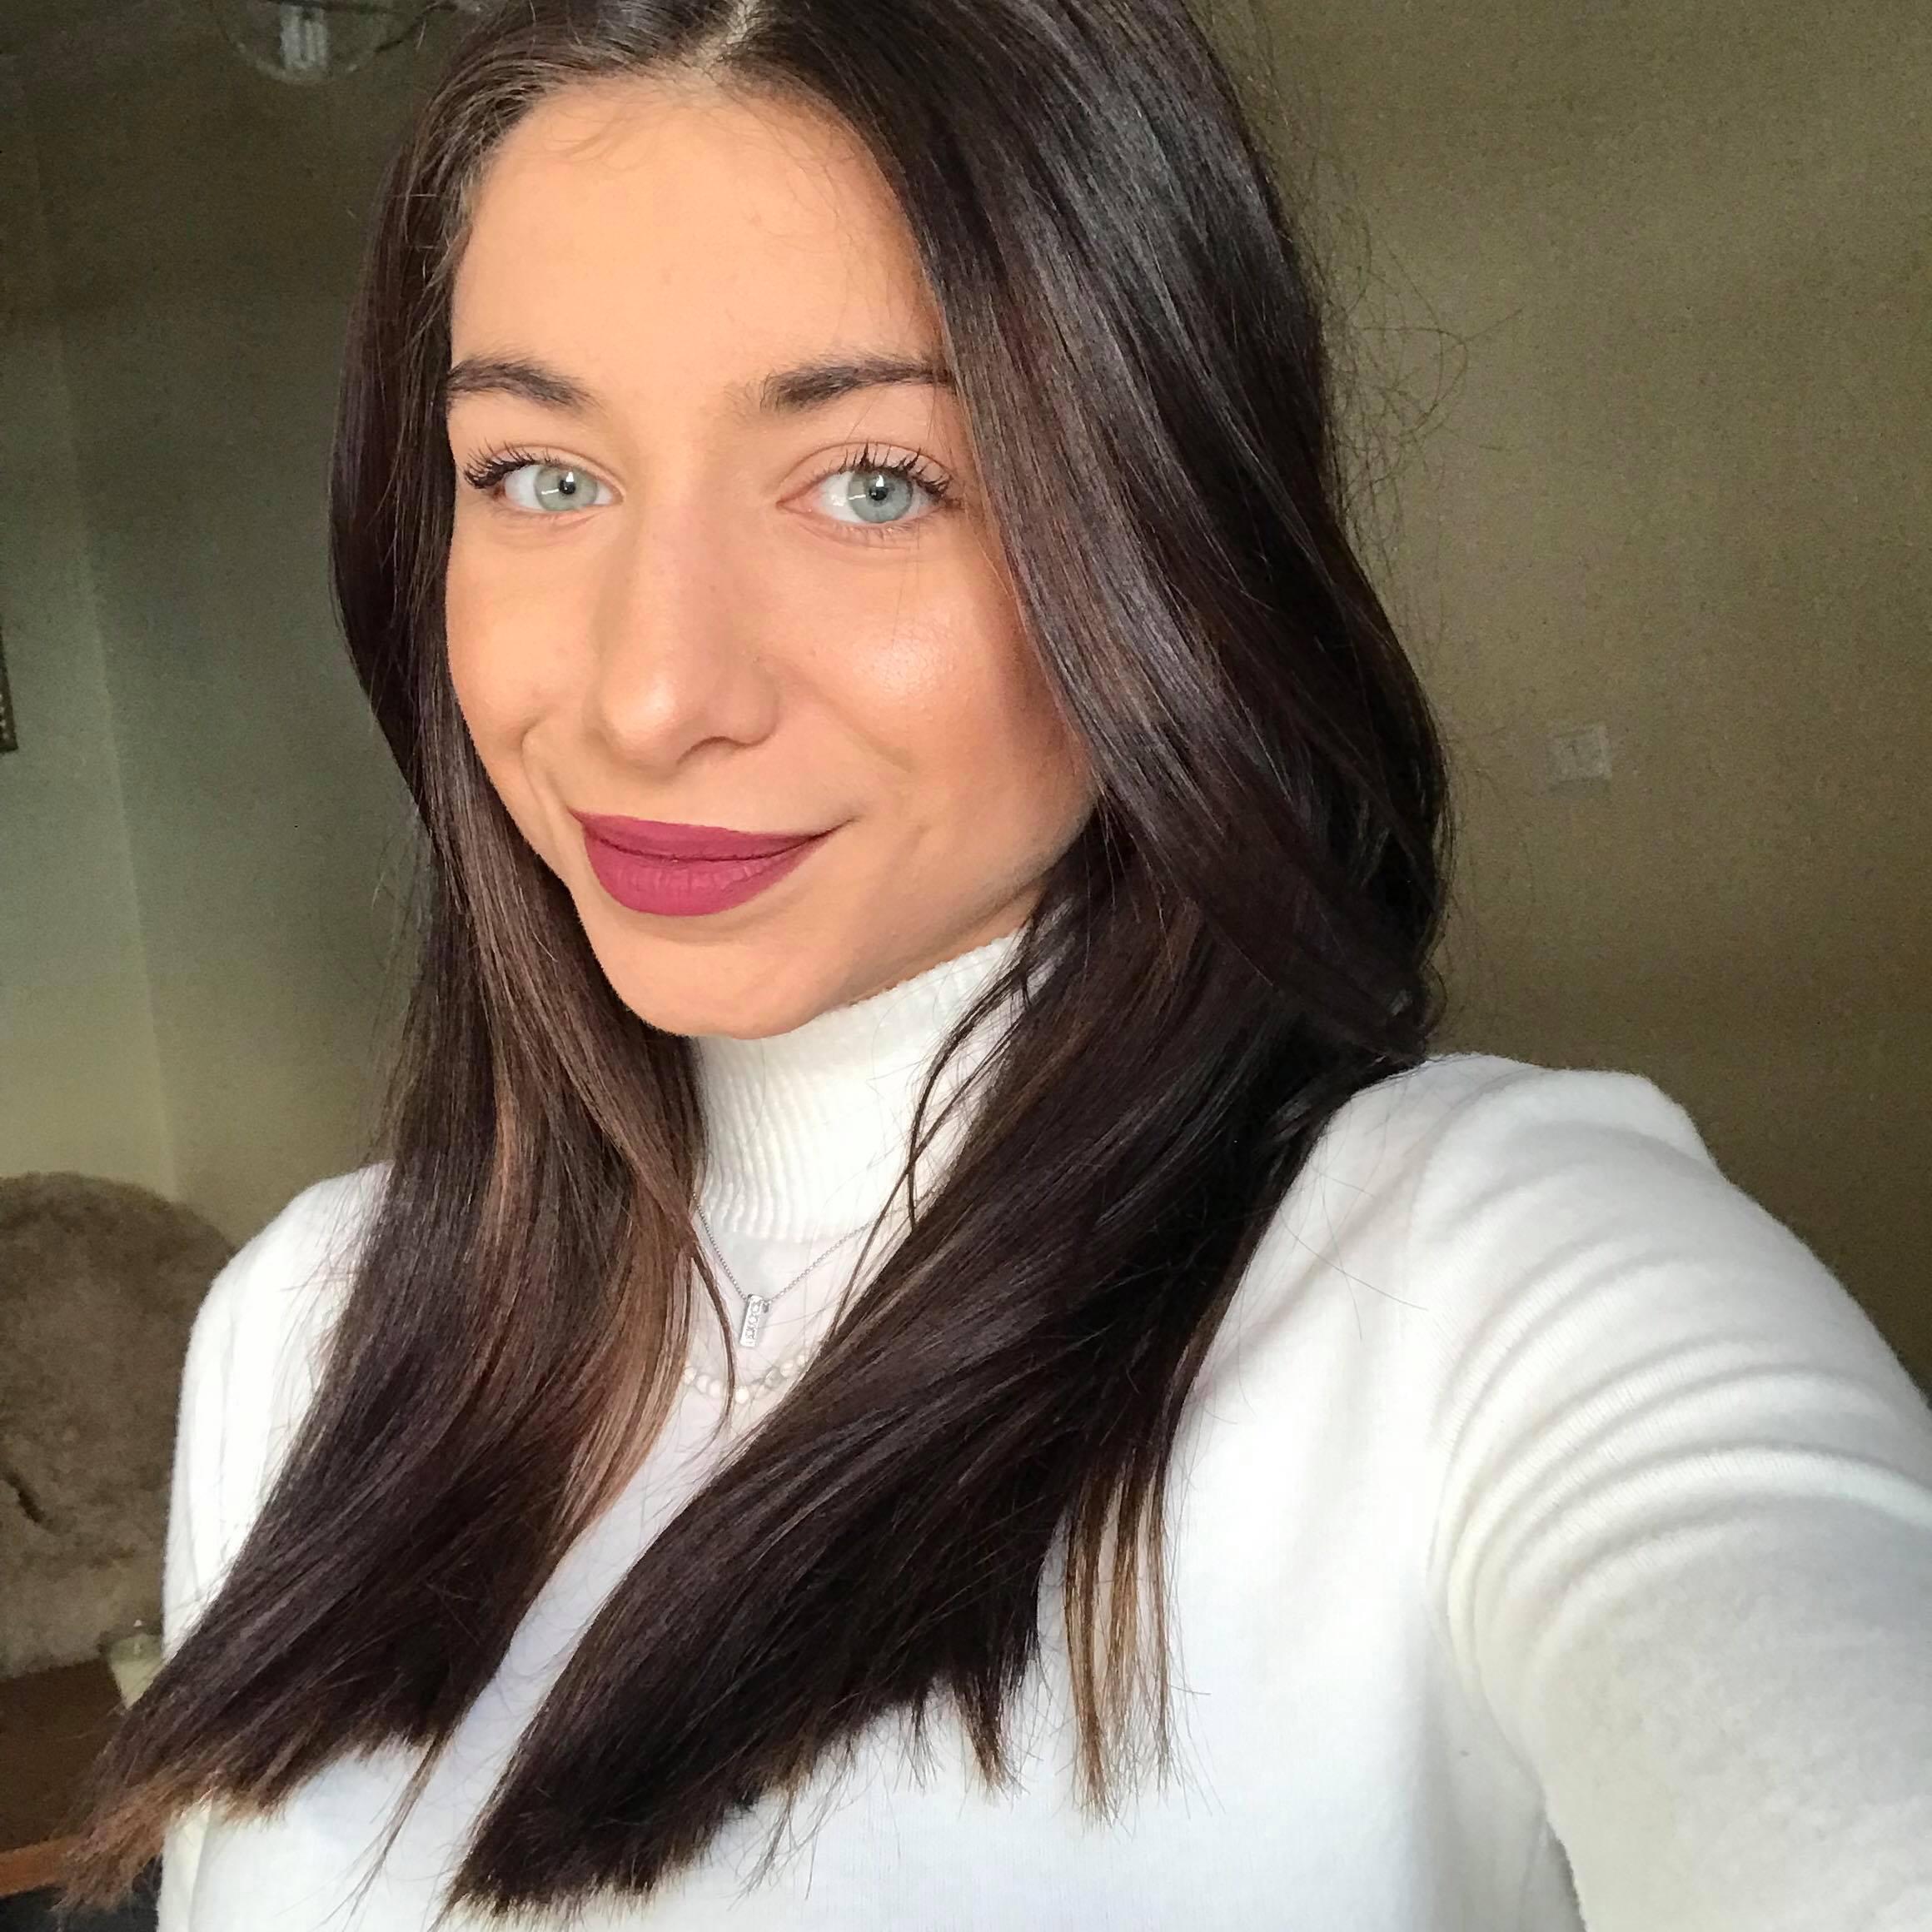 Η Αλεξία είναι 19. Βρήκε την πρώτη της δουλειά μέσα από το MyJobNow!